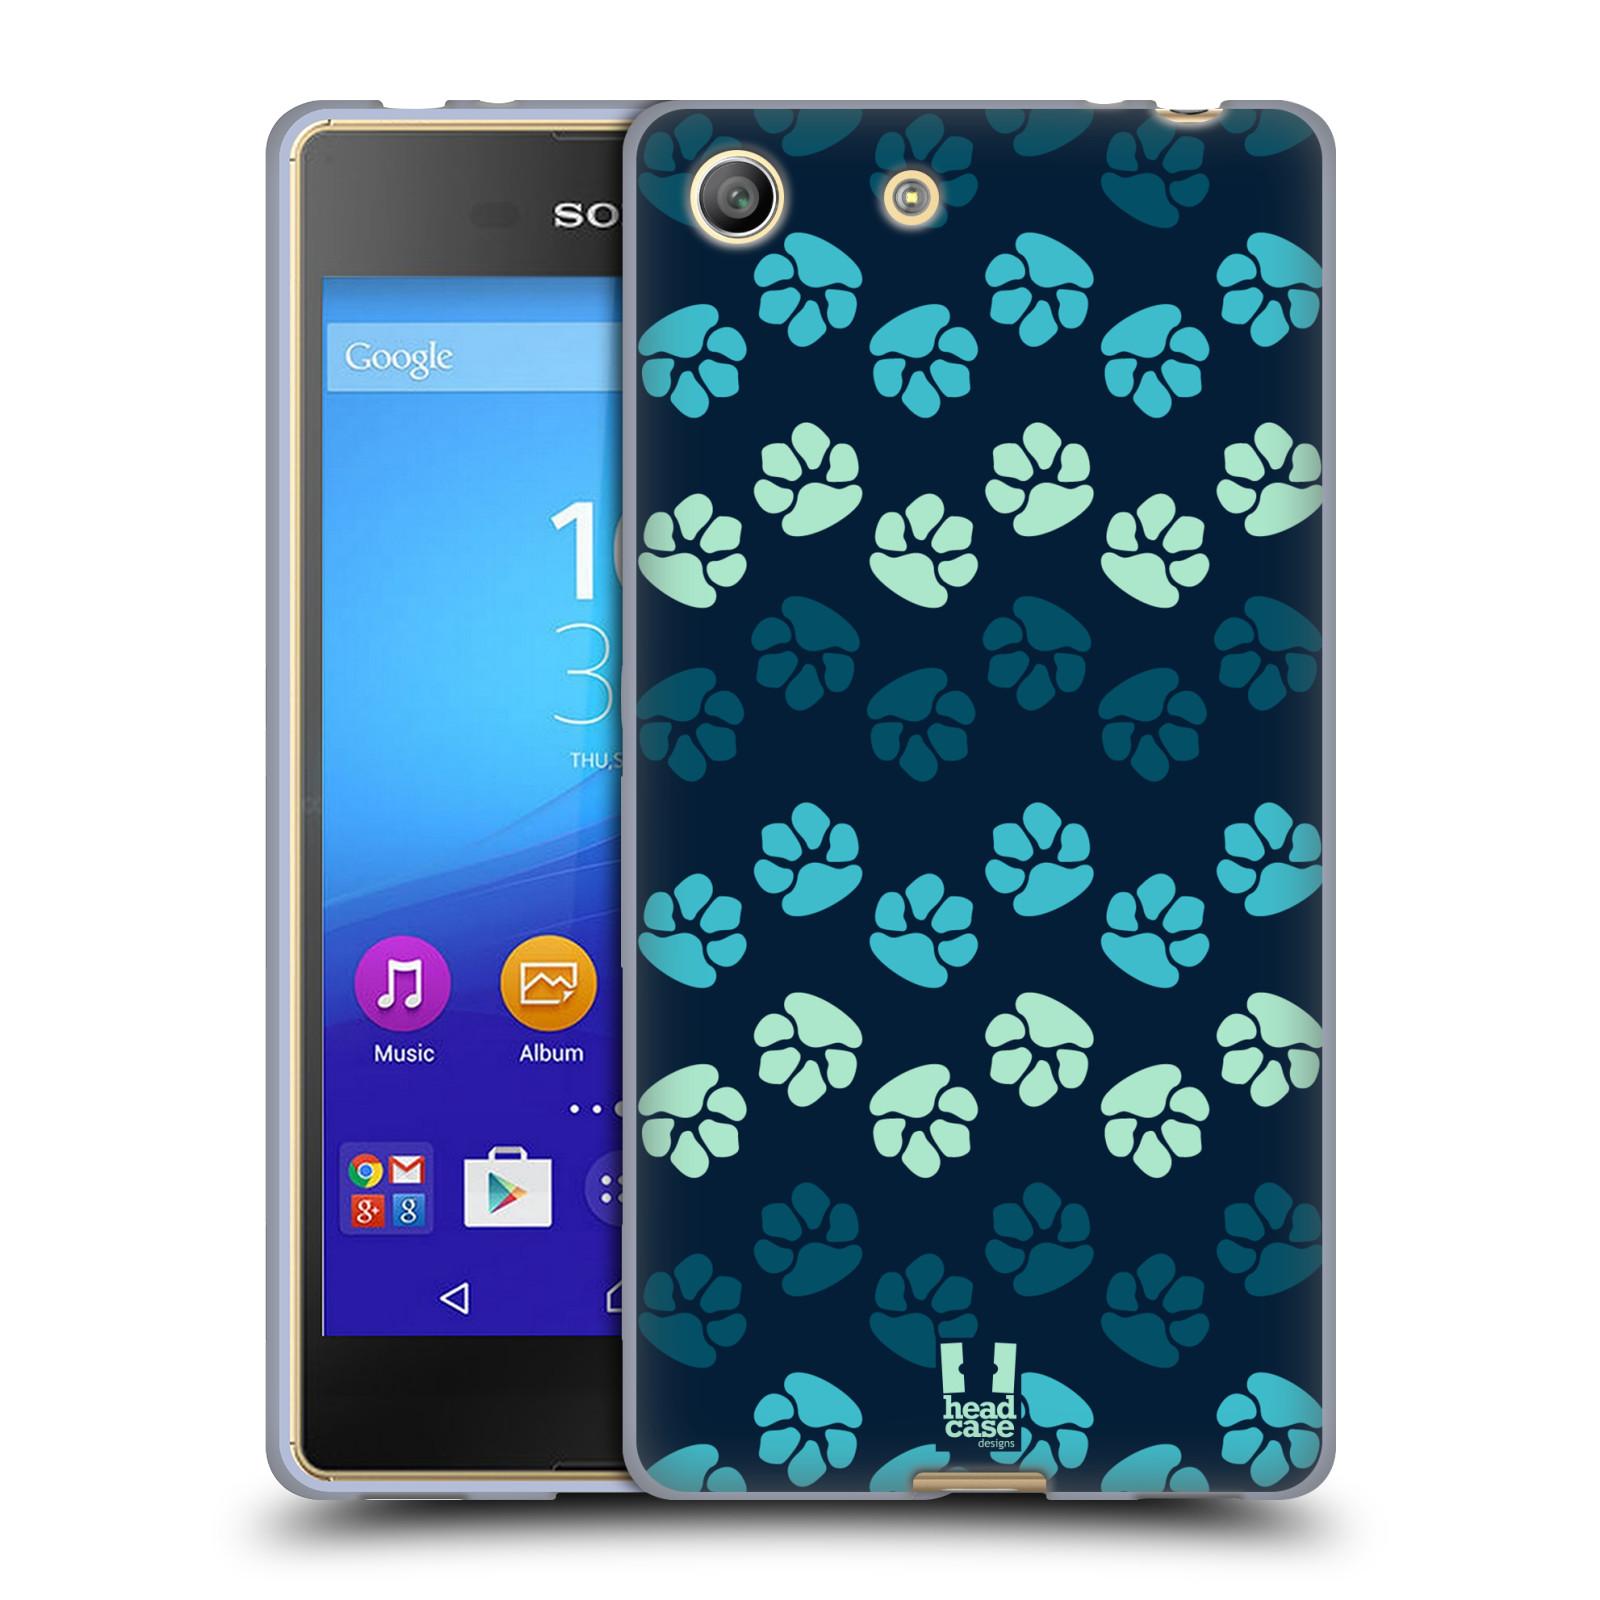 Silikonové pouzdro na mobil Sony Xperia M5 HEAD CASE TLAPKY MODRÉ (Silikonový kryt či obal na mobilní telefon Sony Xperia M5 Dual SIM / Aqua)